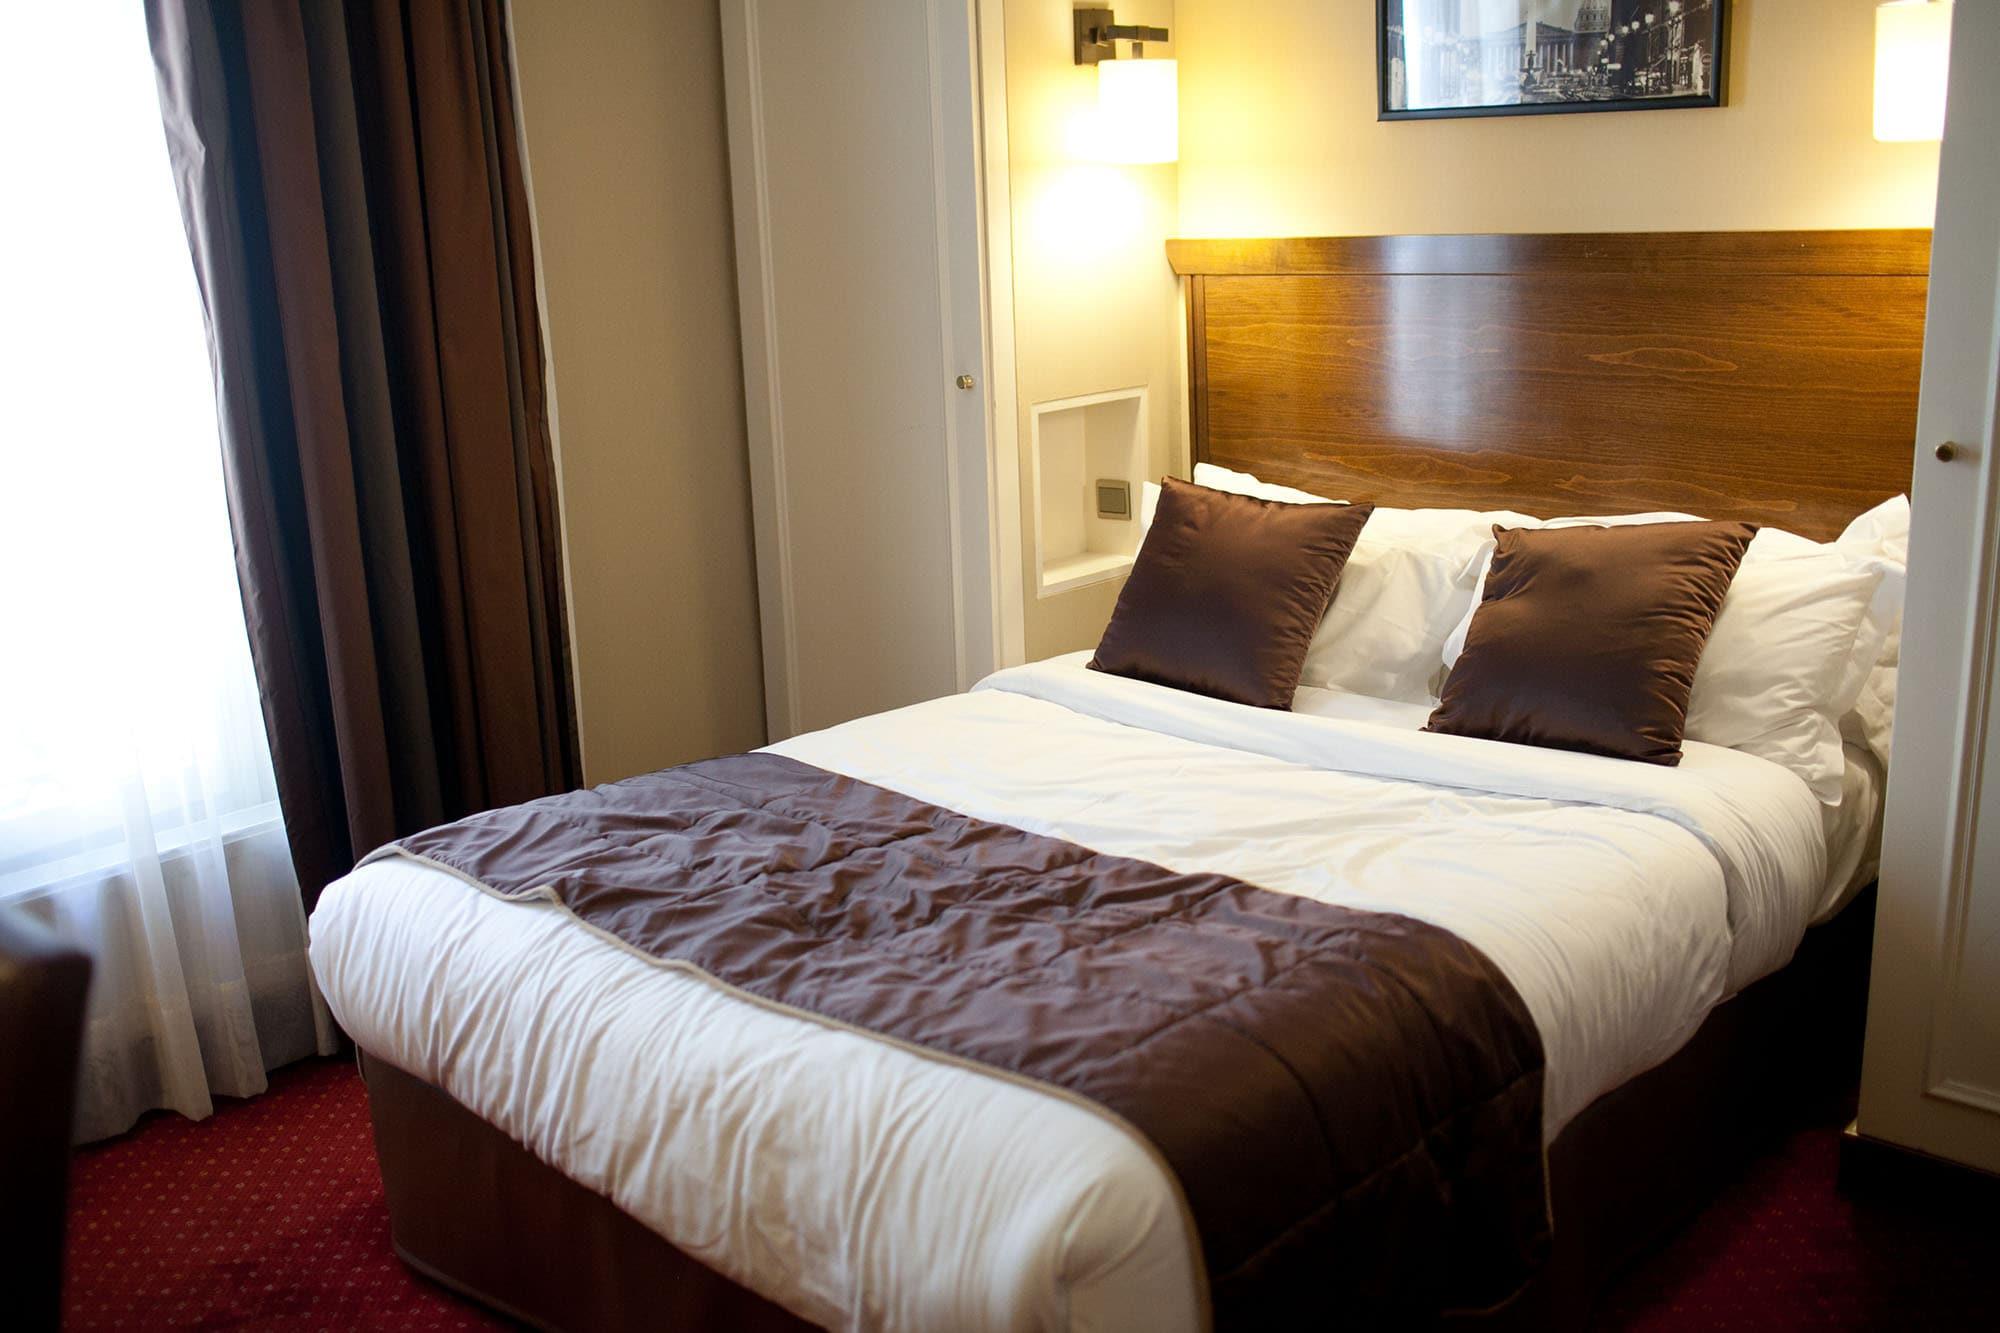 Big bed in my Paris hotel room.